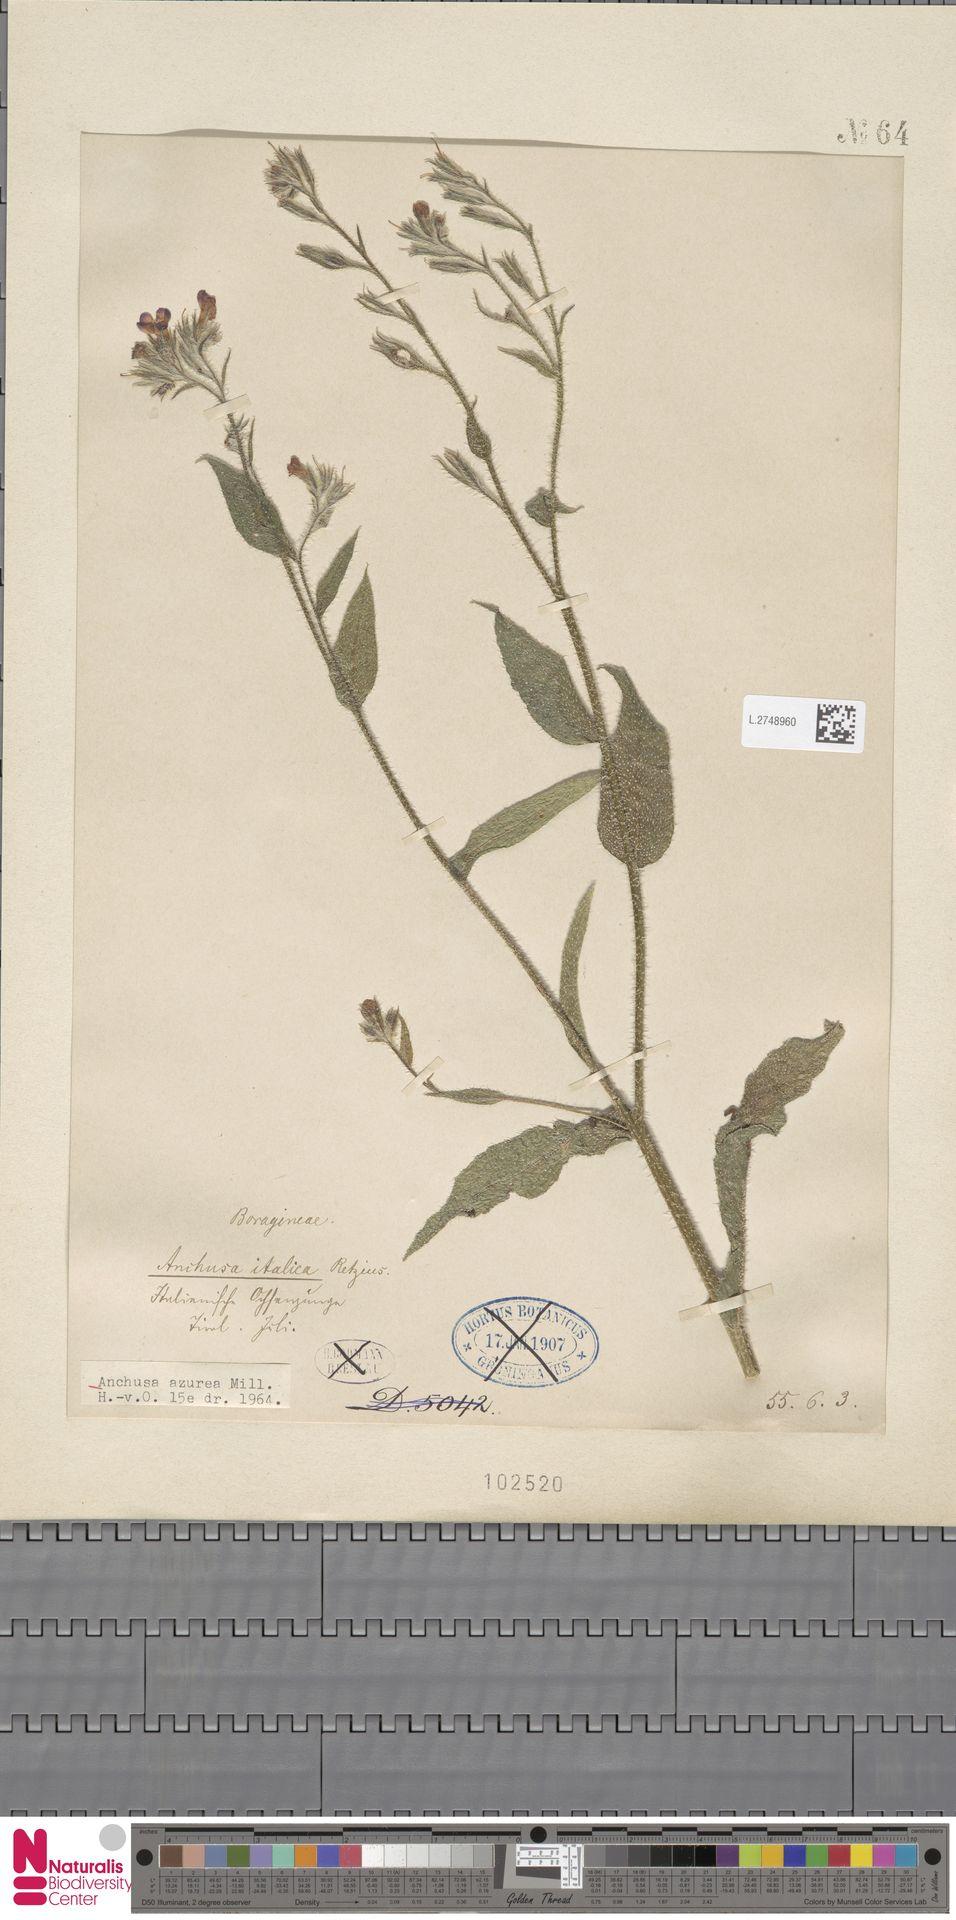 L.2748960 | Anchusa azurea Mill.